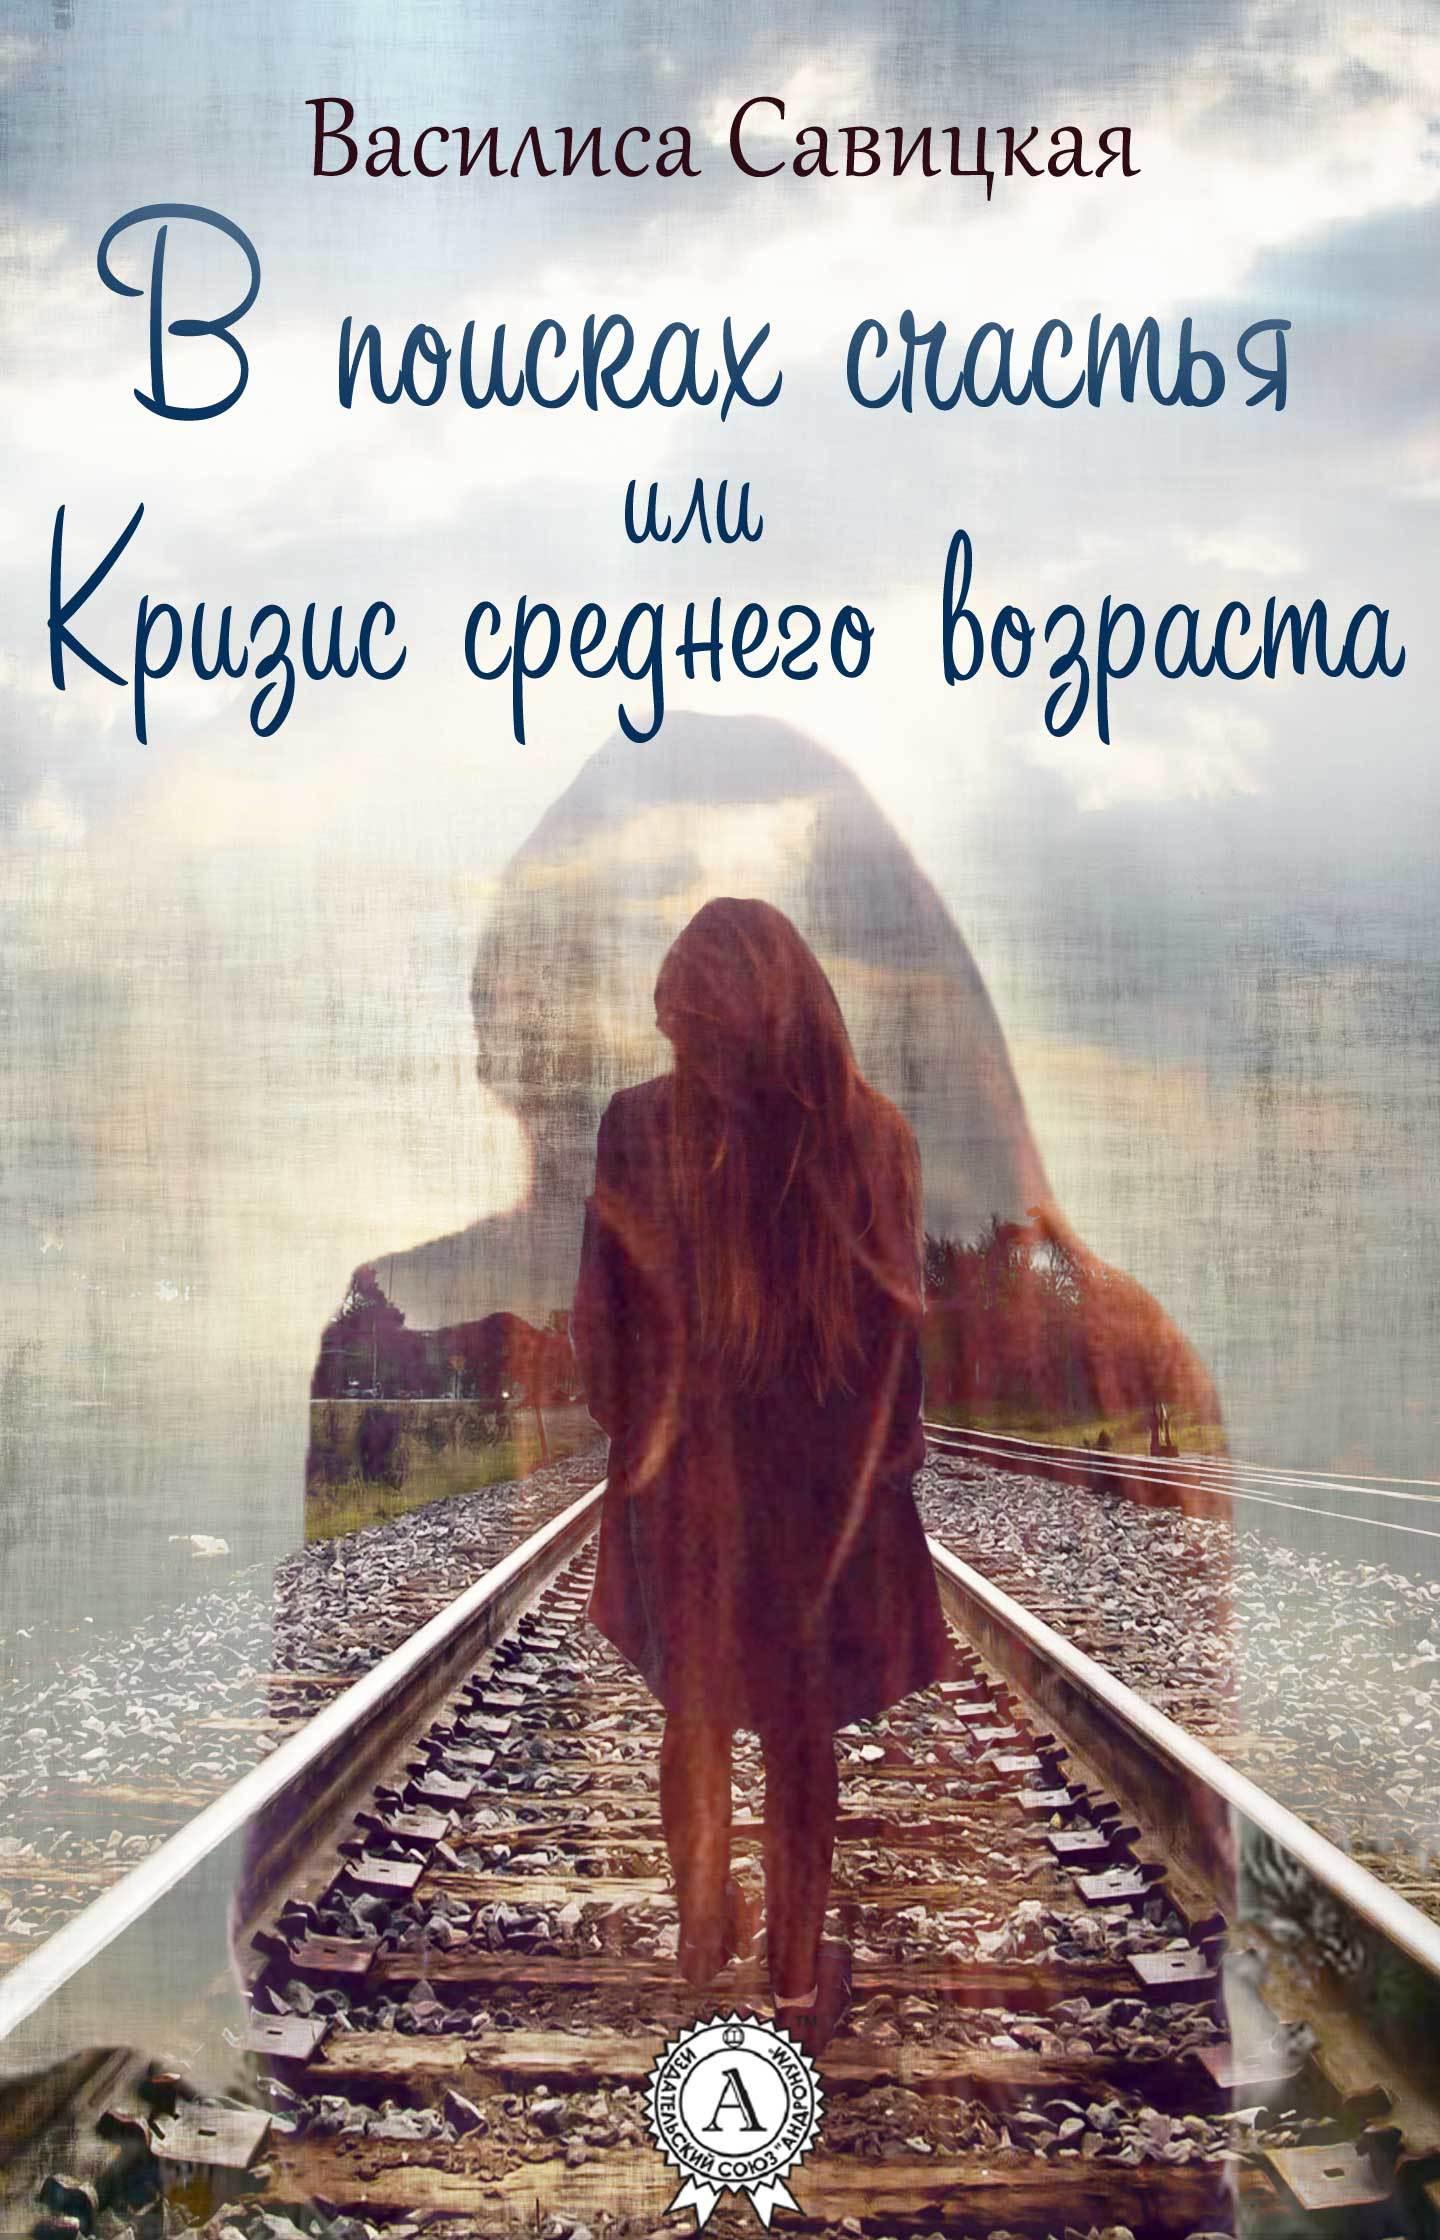 Василиса Савицкая «В поисках счастья, или Кризис среднего возраста»